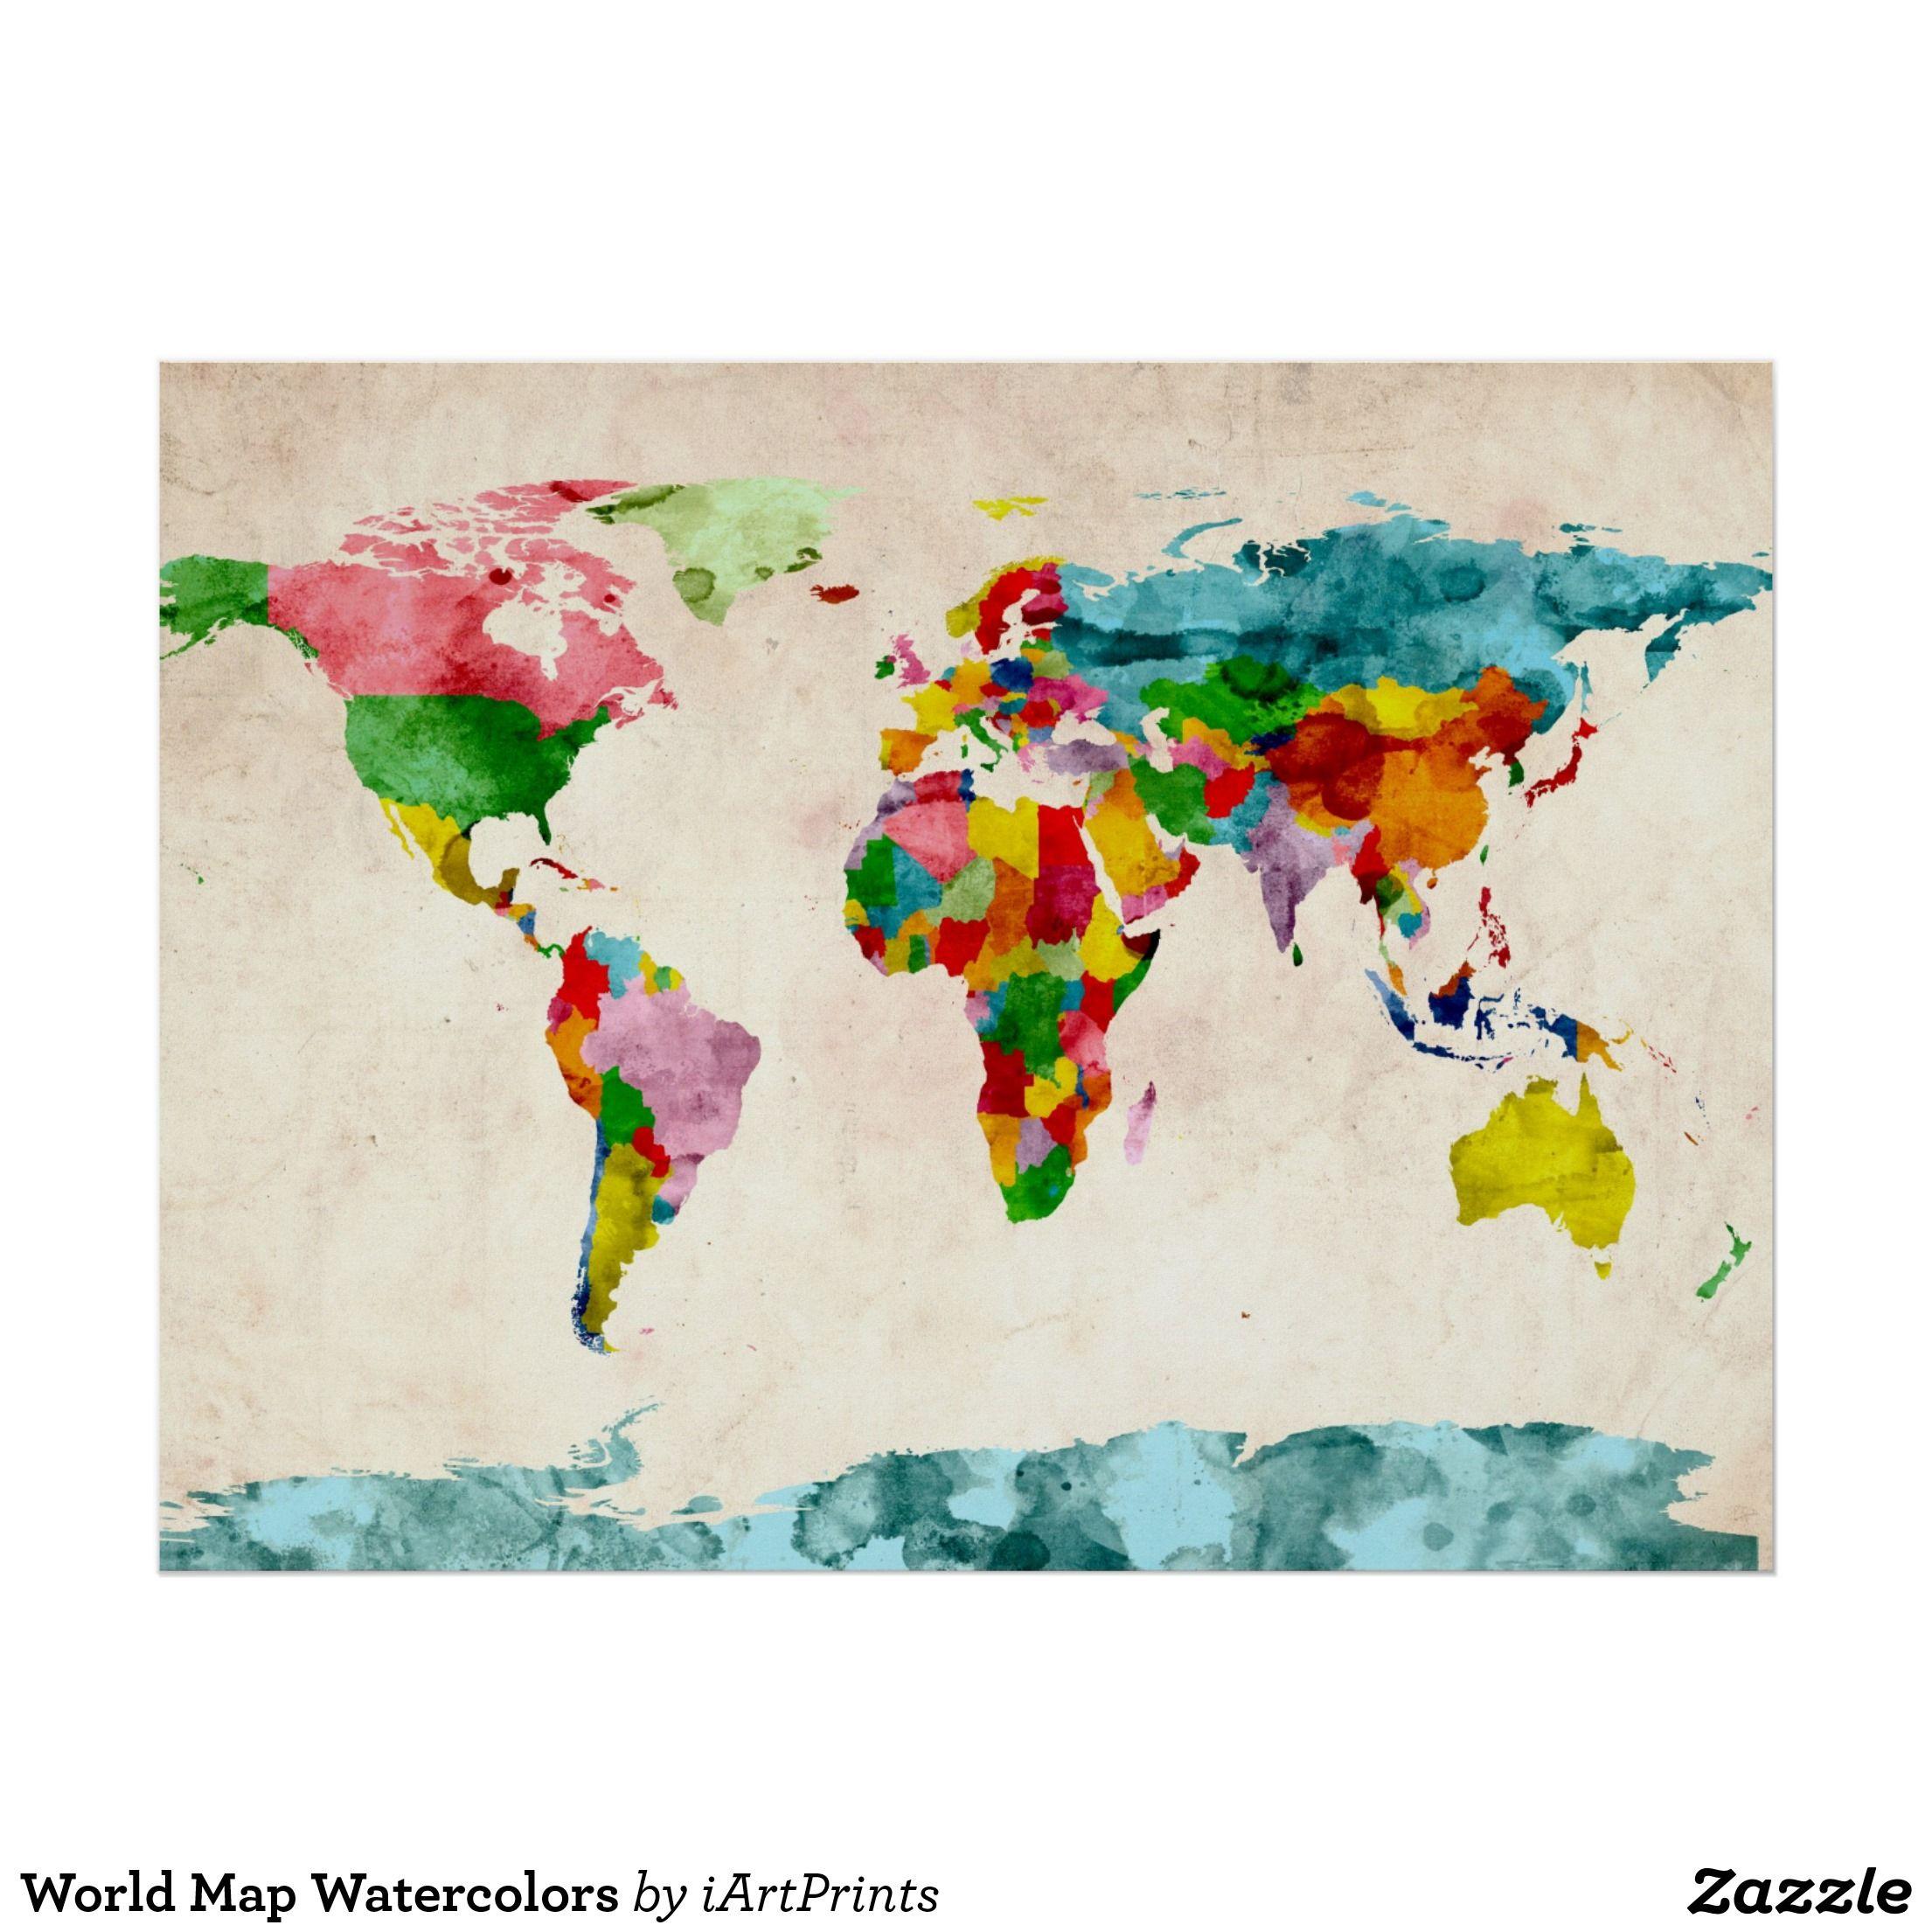 Berühmt Weltkarte Eingerahmt Zeitgenössisch - Bilderrahmen Ideen ...